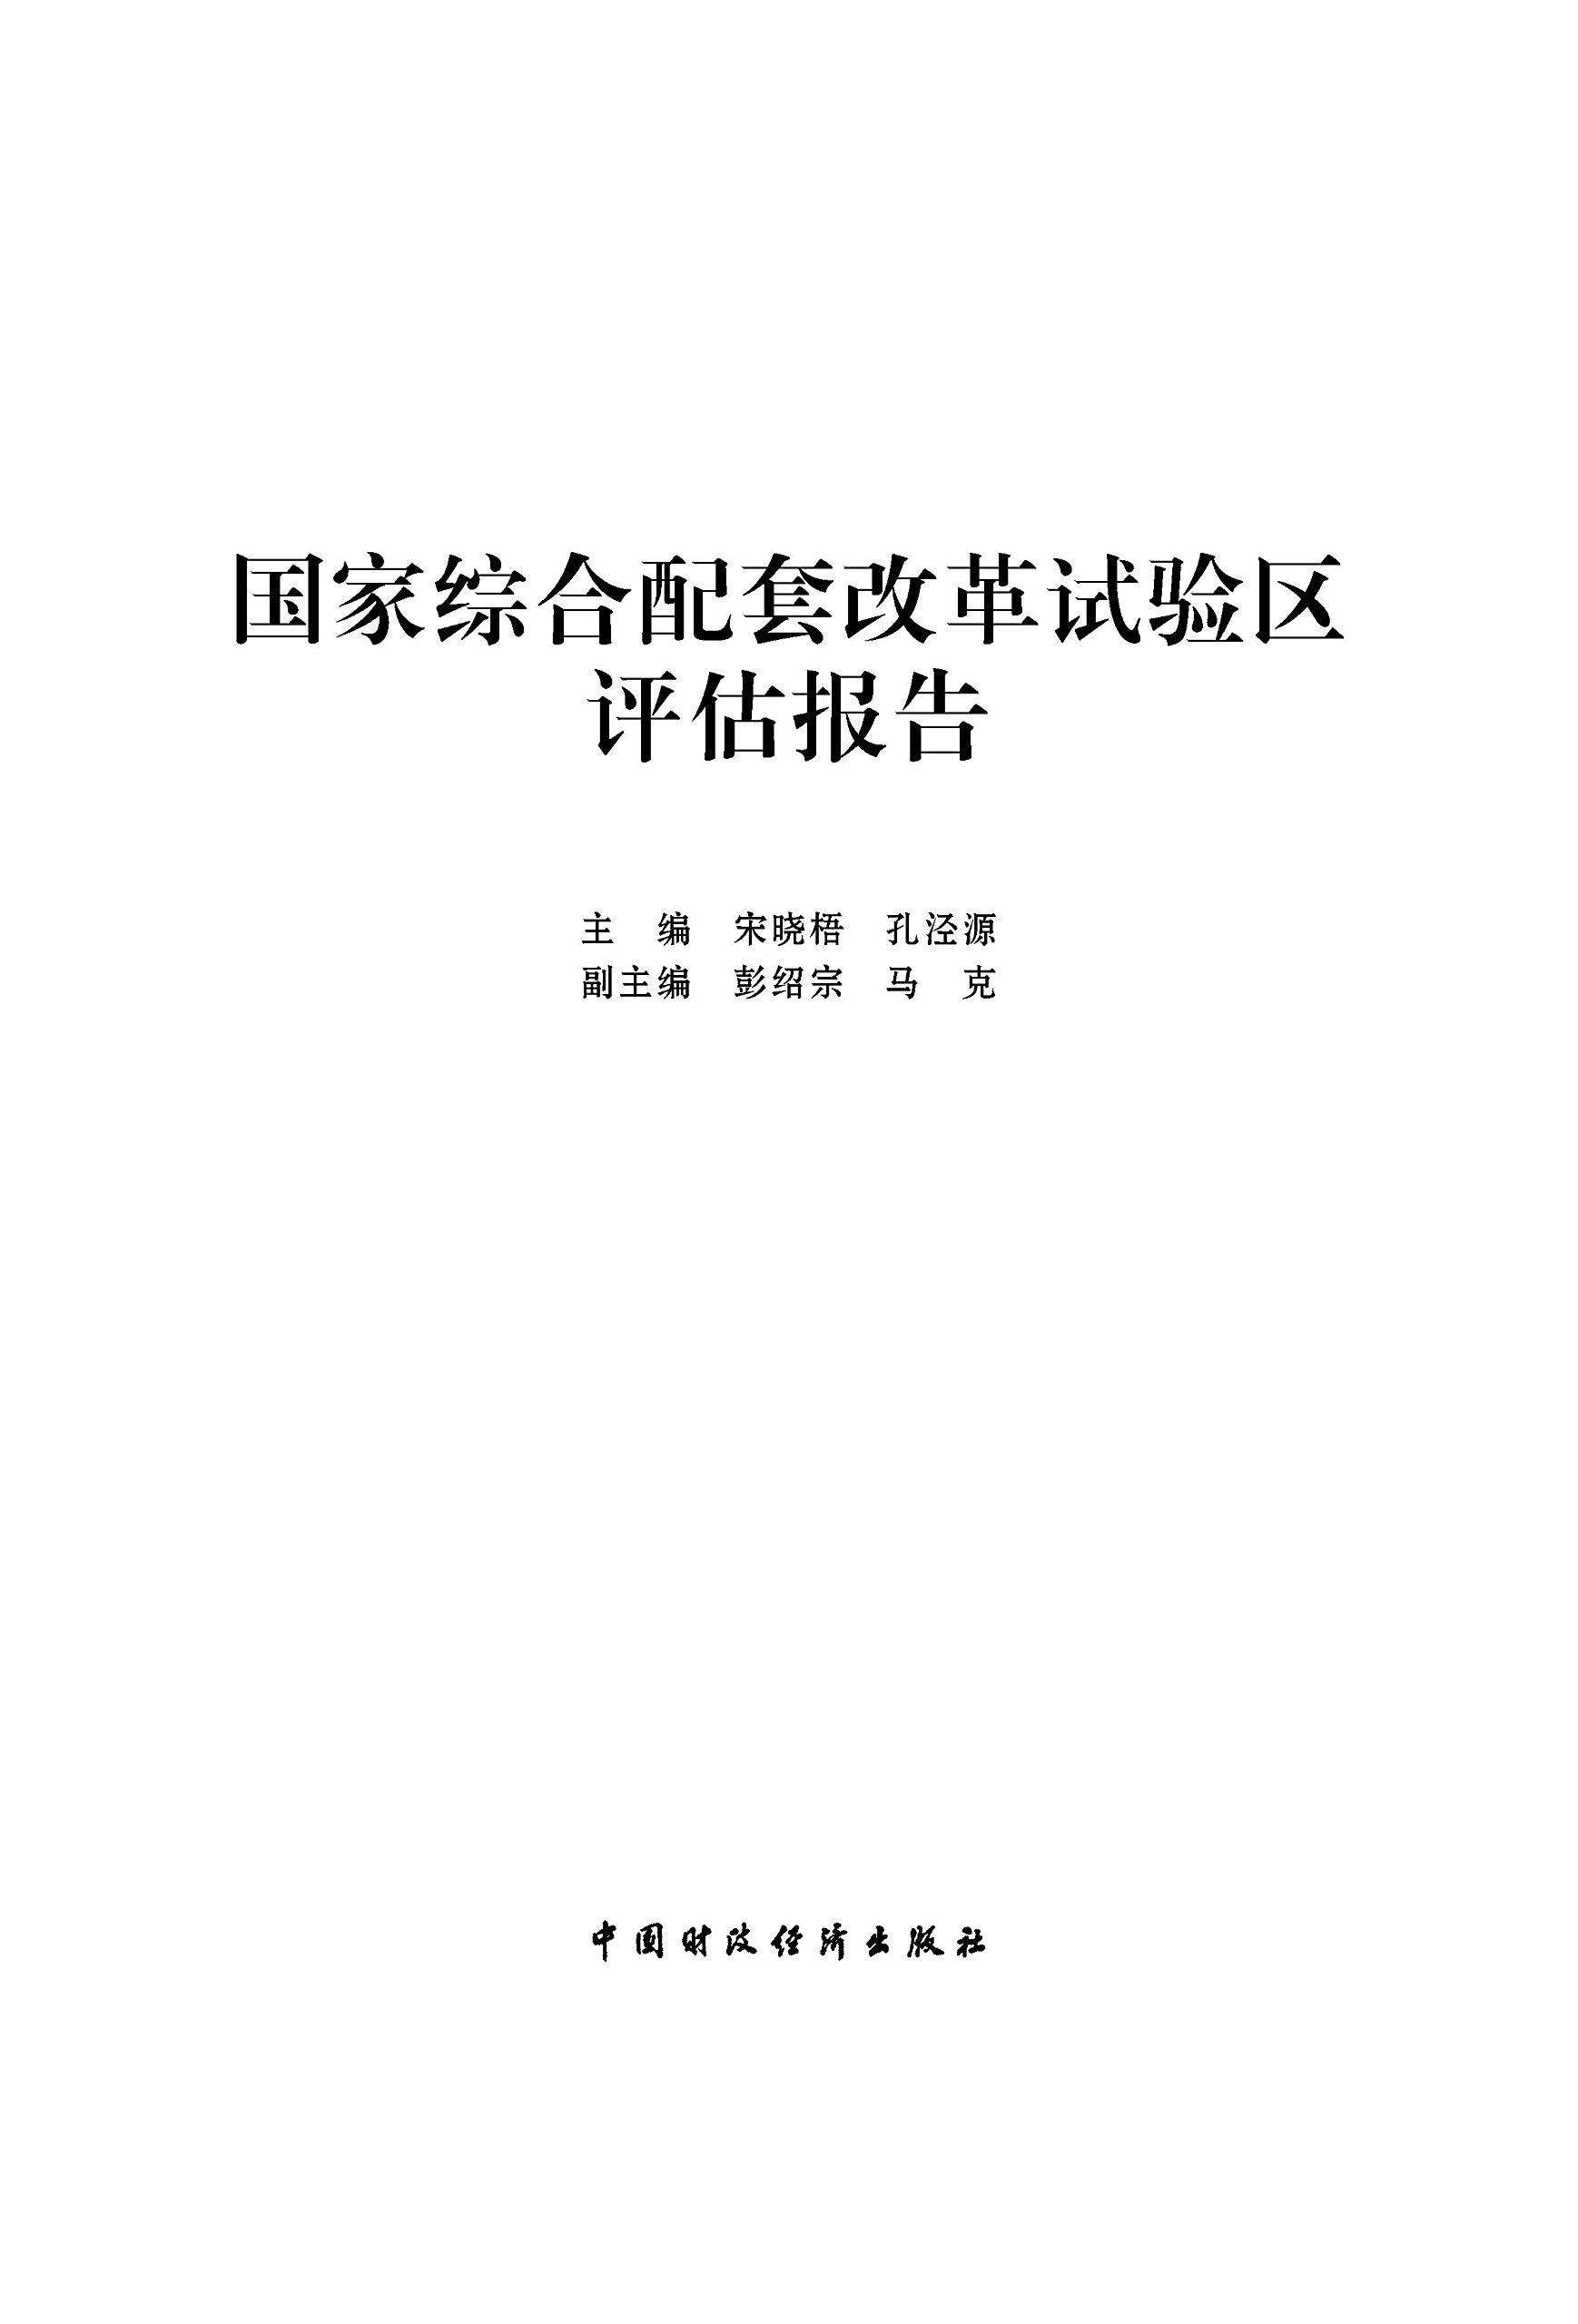 国家综合配套改革试验区评估报告